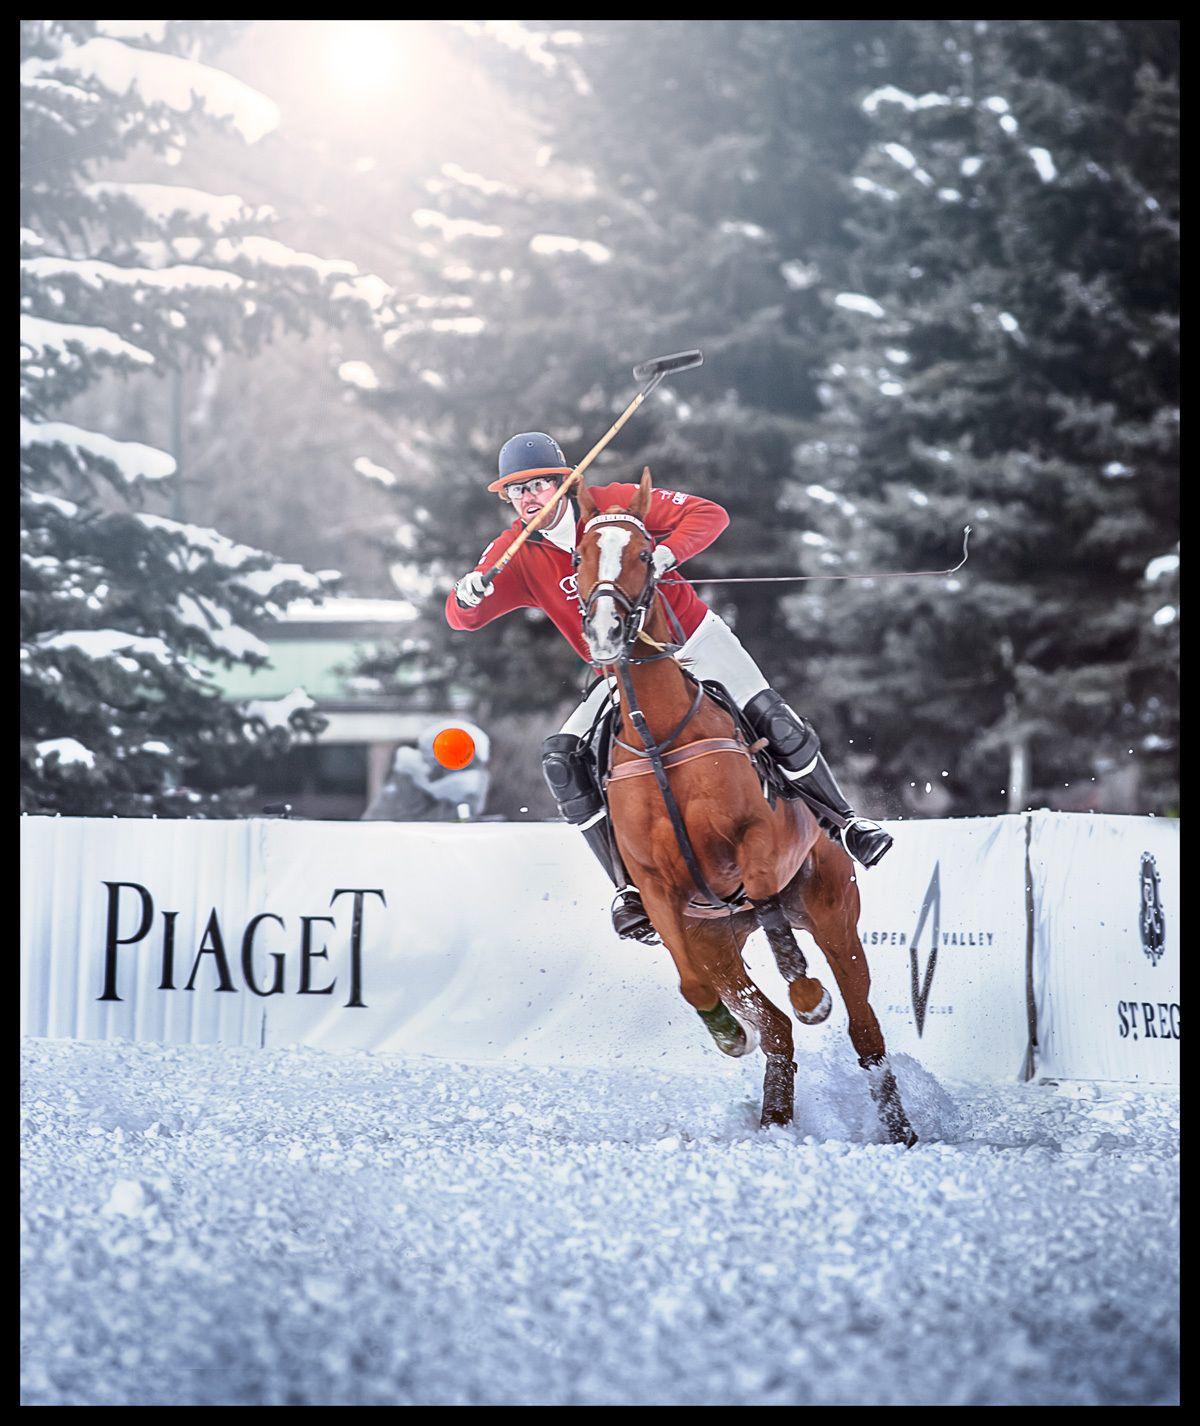 1aspen_snow_polo_action_4